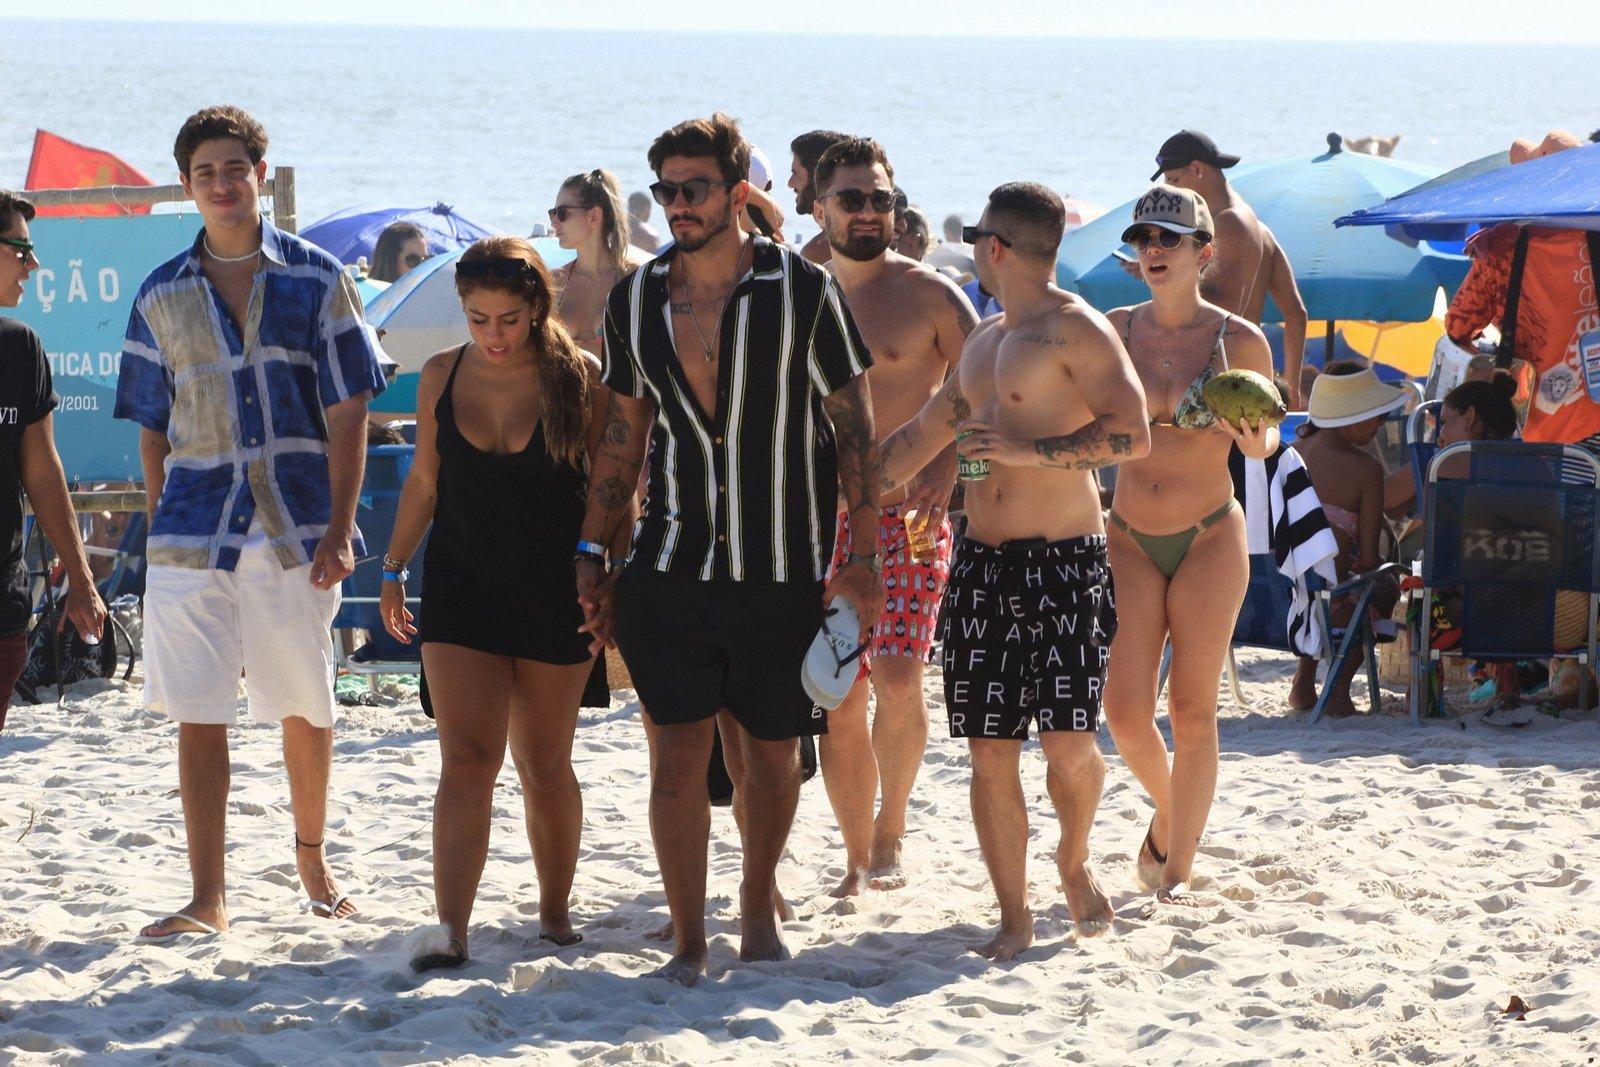 Gui Napolitano surge em aglomeração em praia carioca